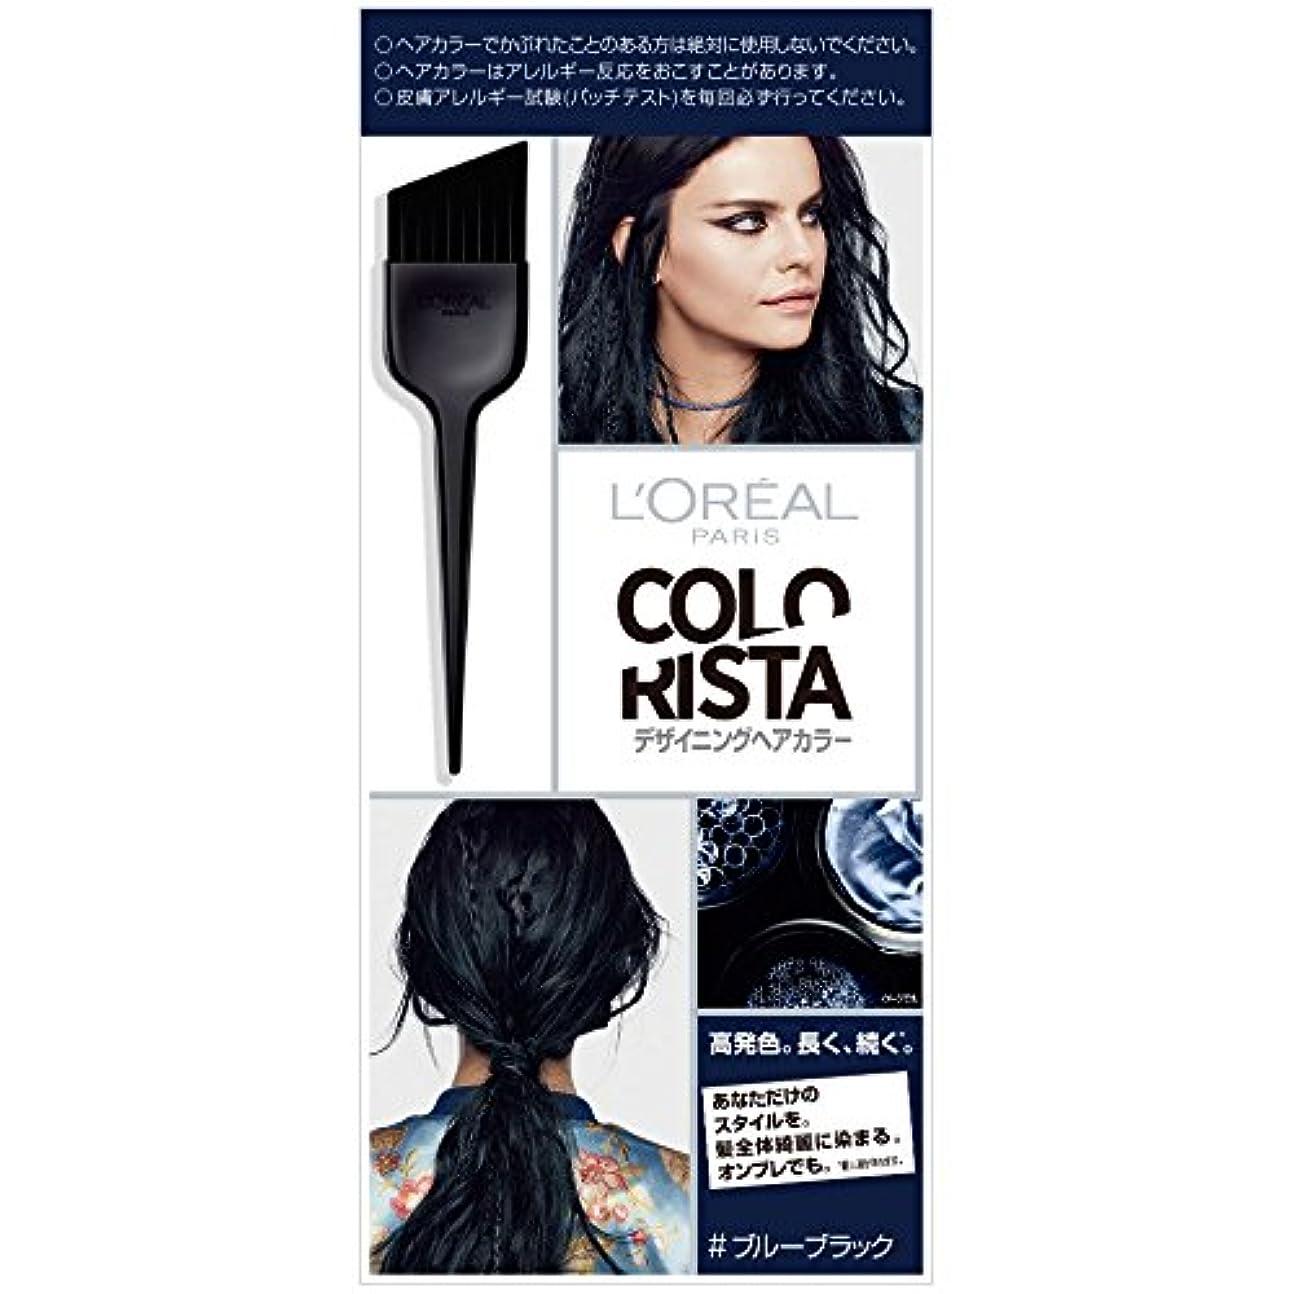 スマイルたとえ従来のロレアル パリ カラーリスタ デザイニングヘアカラー ブルーブラック